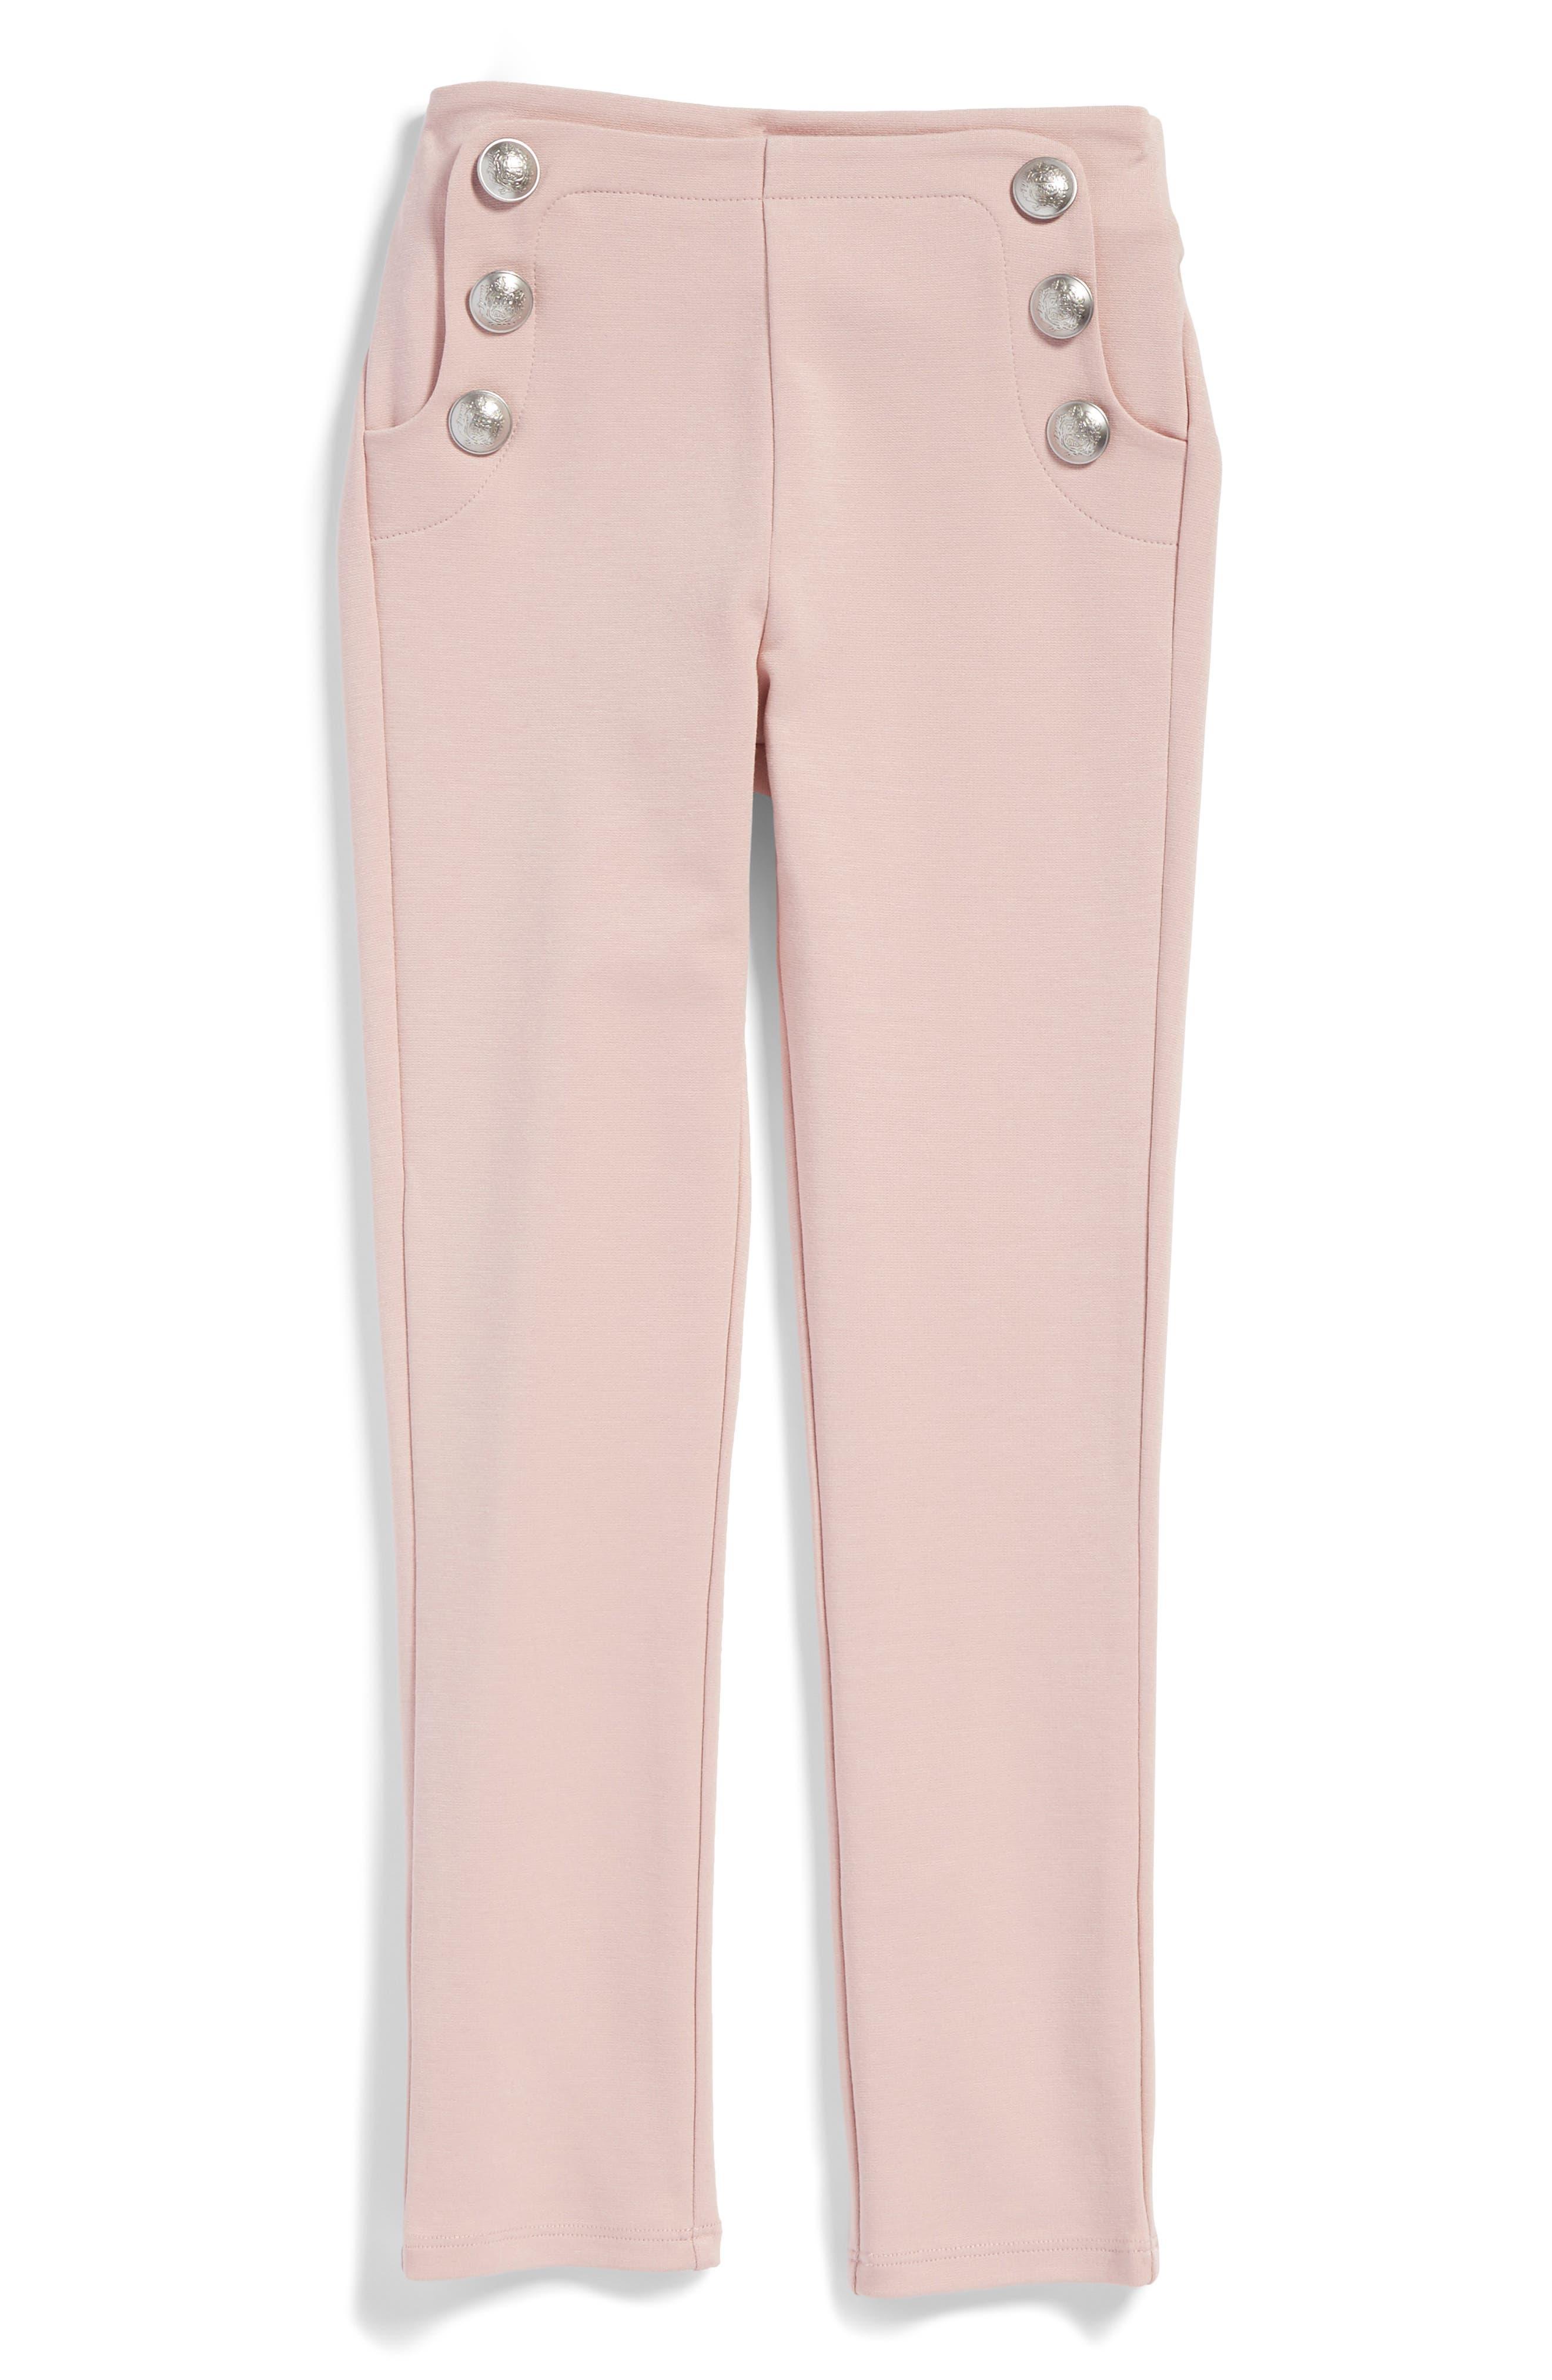 Alternate Image 1 Selected - Bardot Junior Button Leggings (Little Girls)